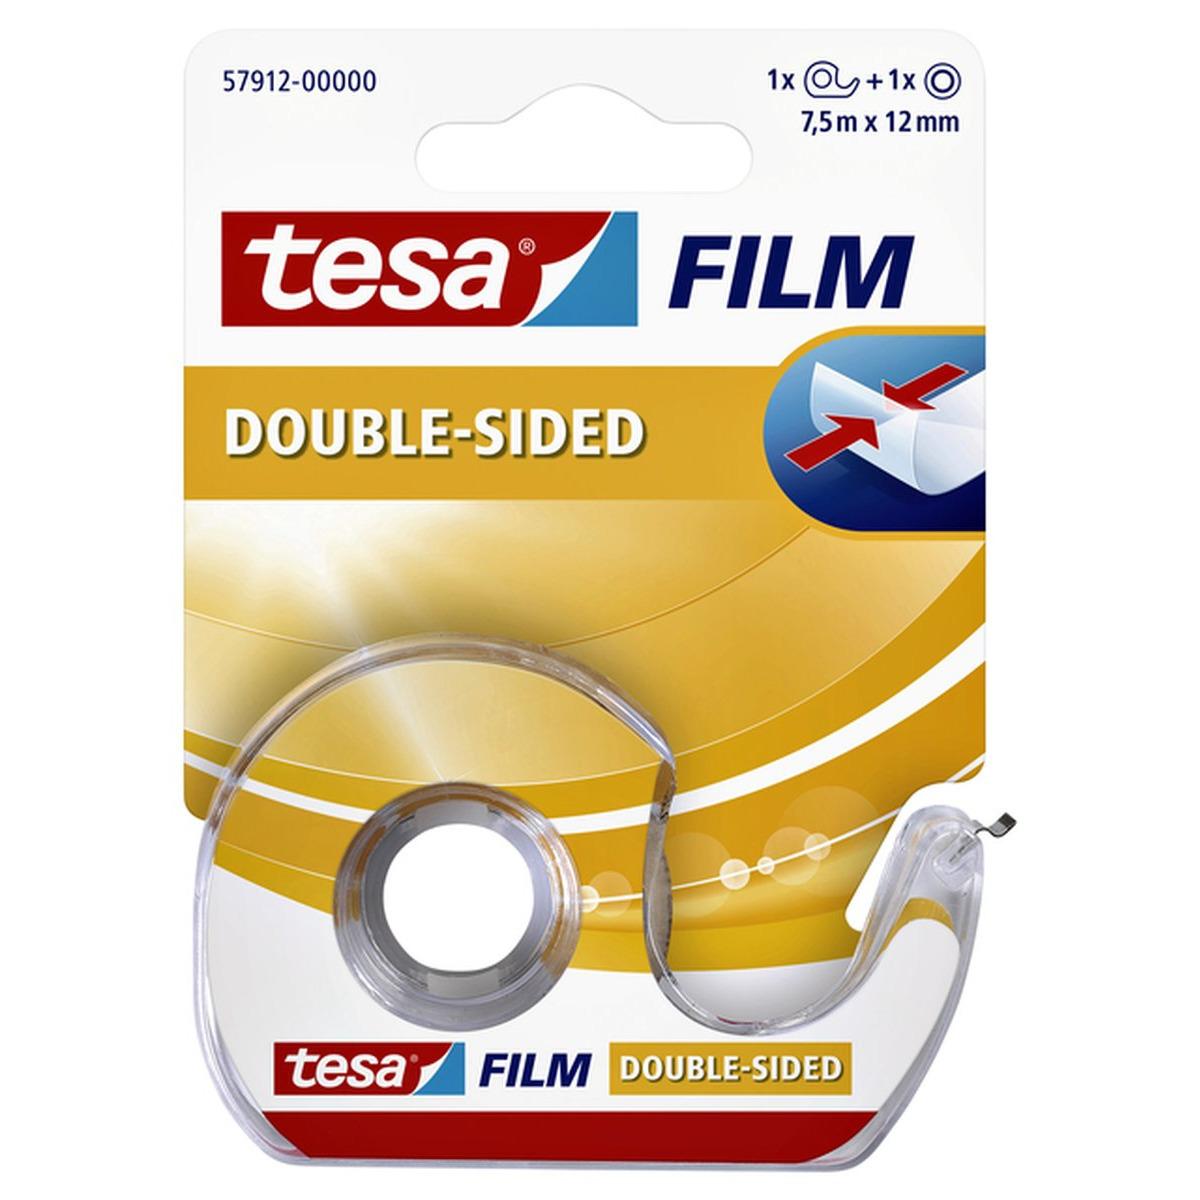 1x Tesa dubbelzijdig tape-plakband 7,5 meter met dispenser-houder